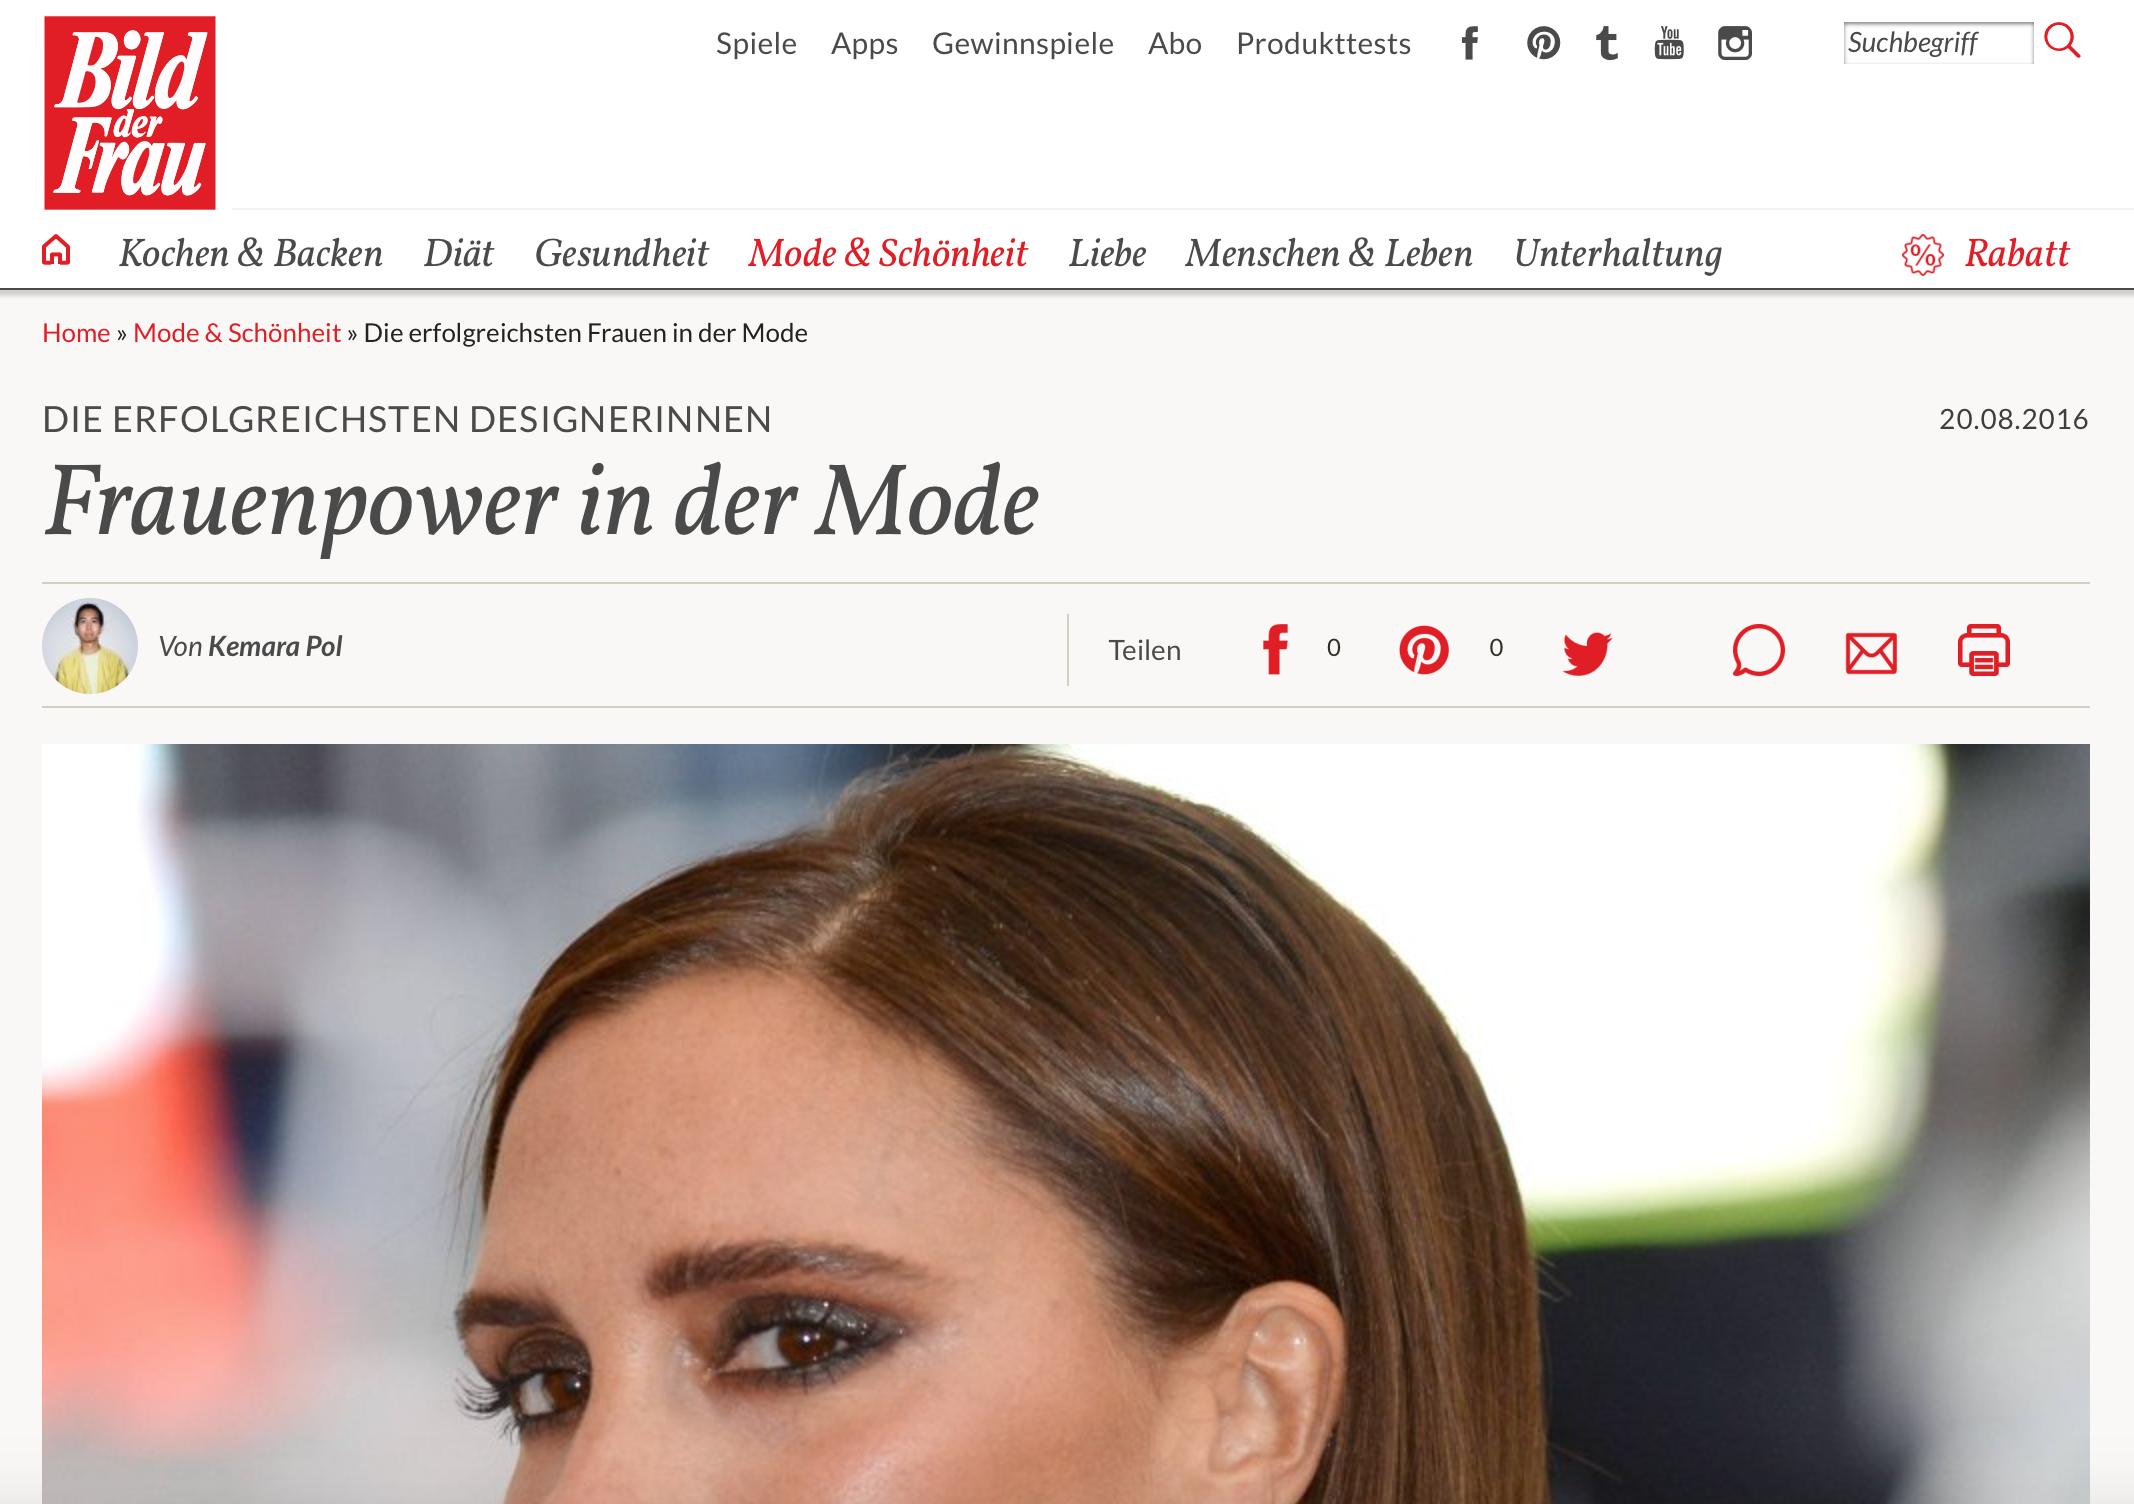 Bild der Frau - Die erfolgreichsten Designerinnen - Frauenpower in der Mode